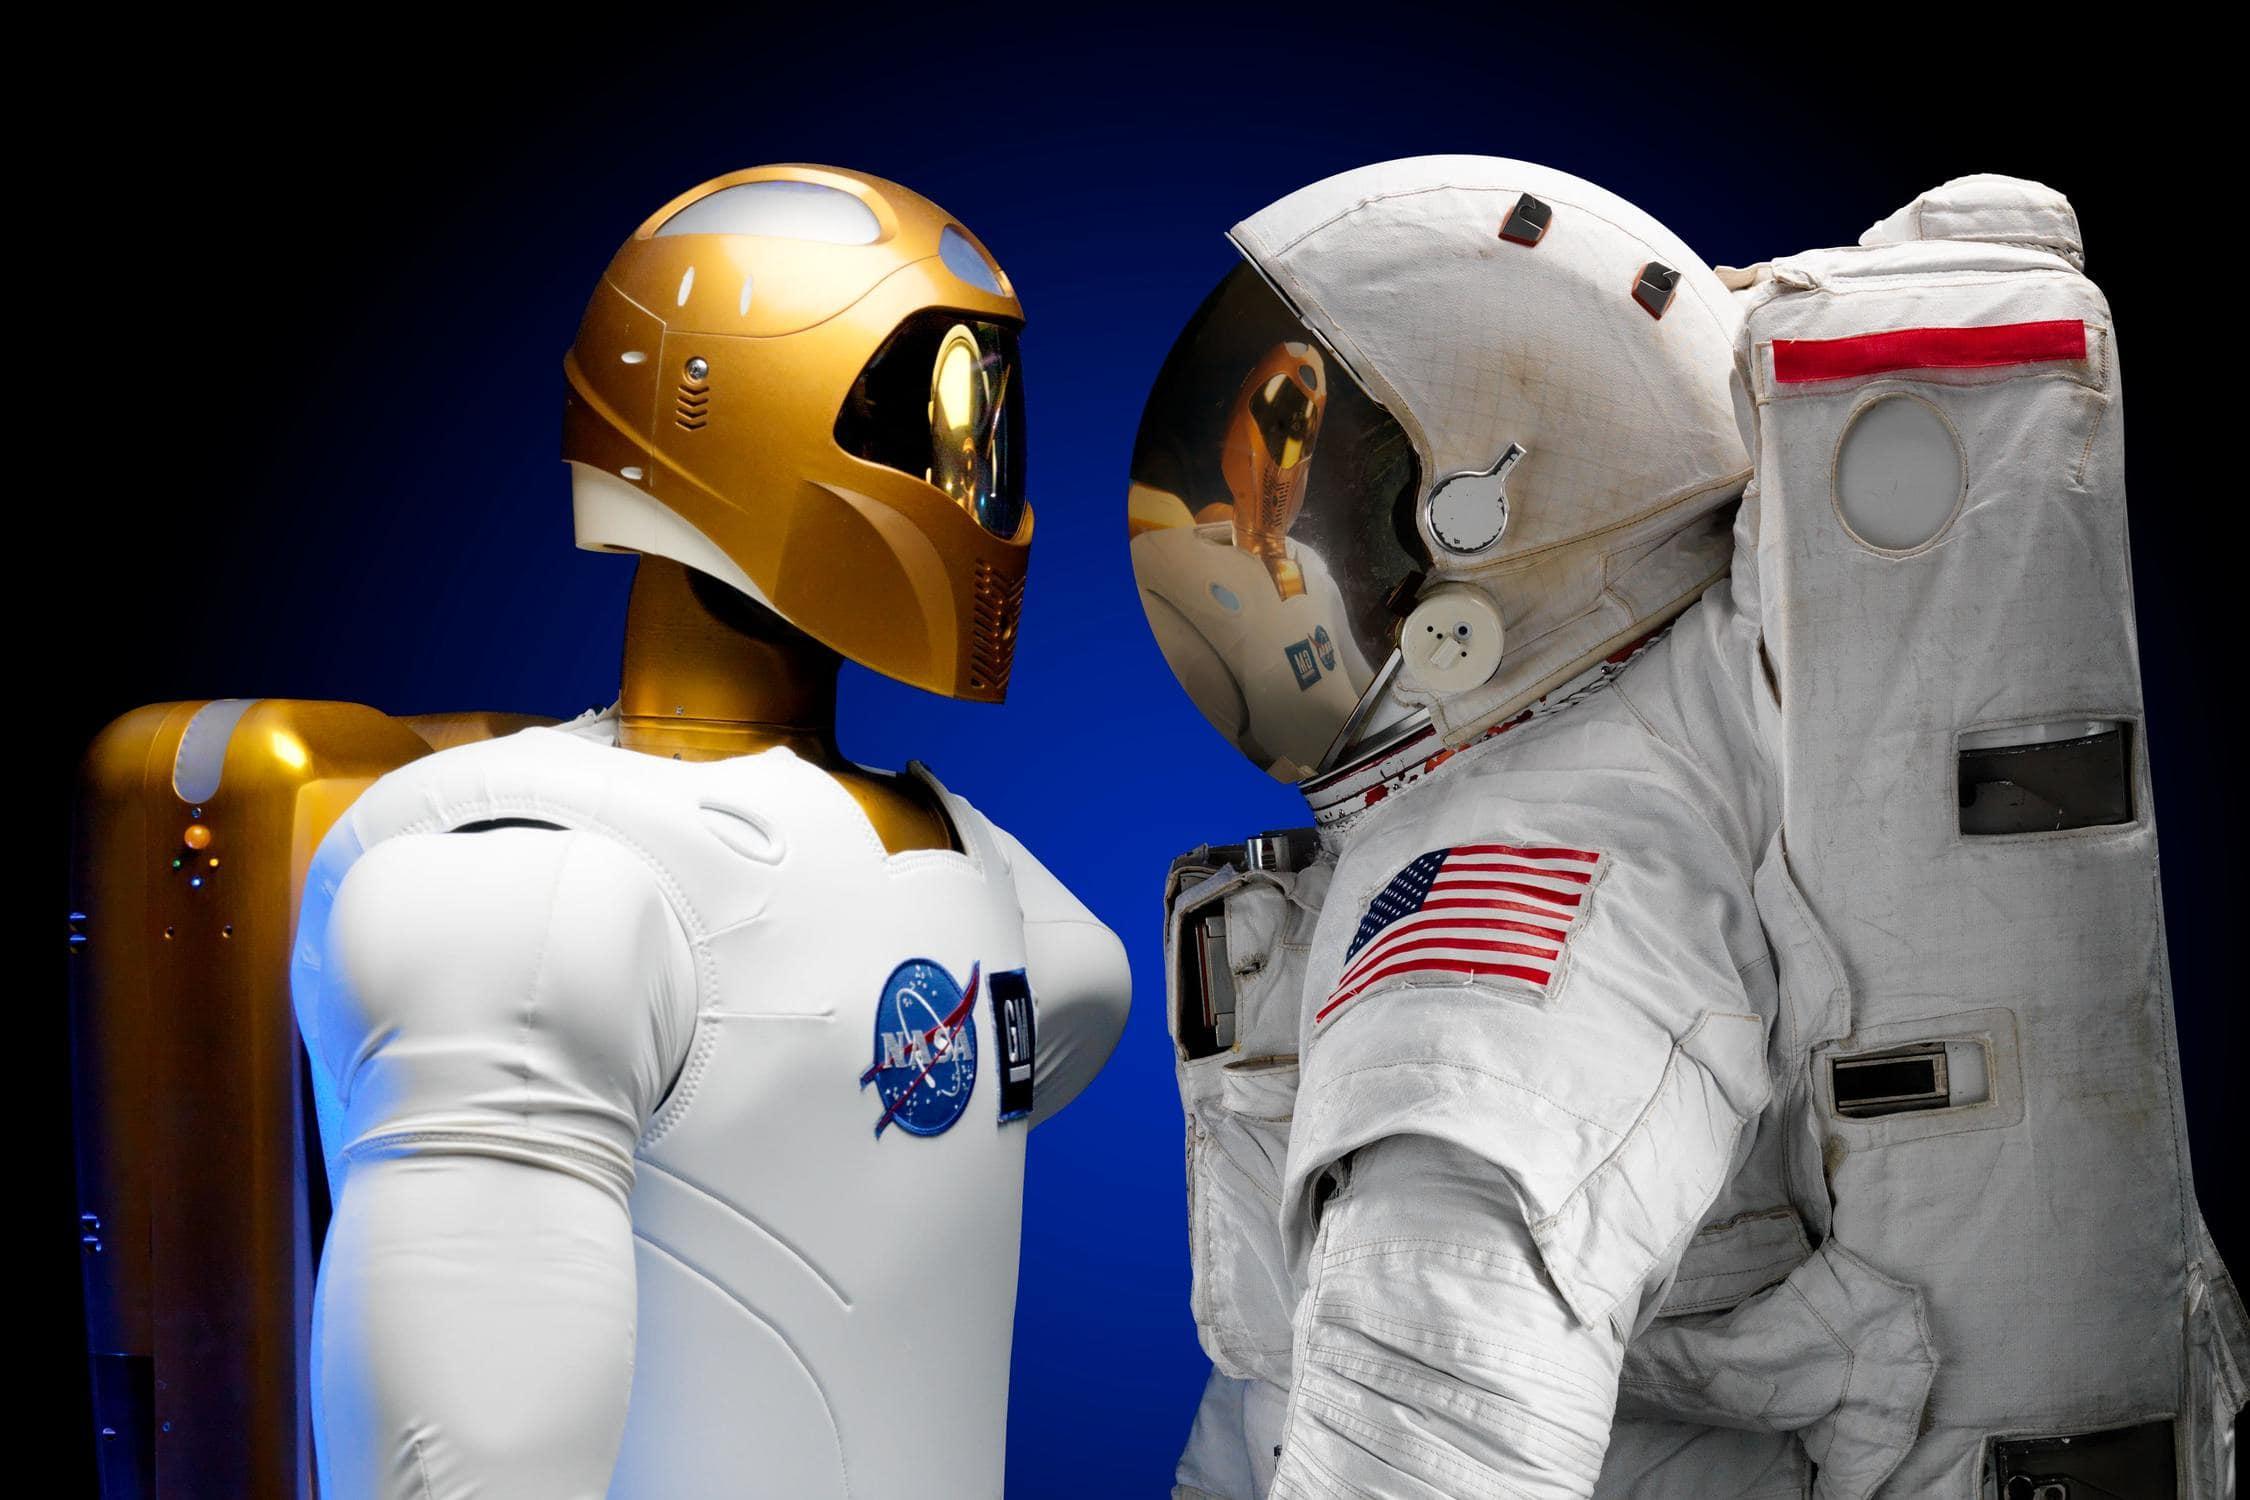 Roboter und Mensch verdeutlichen Konzept von künstlicher Intelligenz, für die es mehr Unterrichtsmaterialien für die Oberstufe braucht